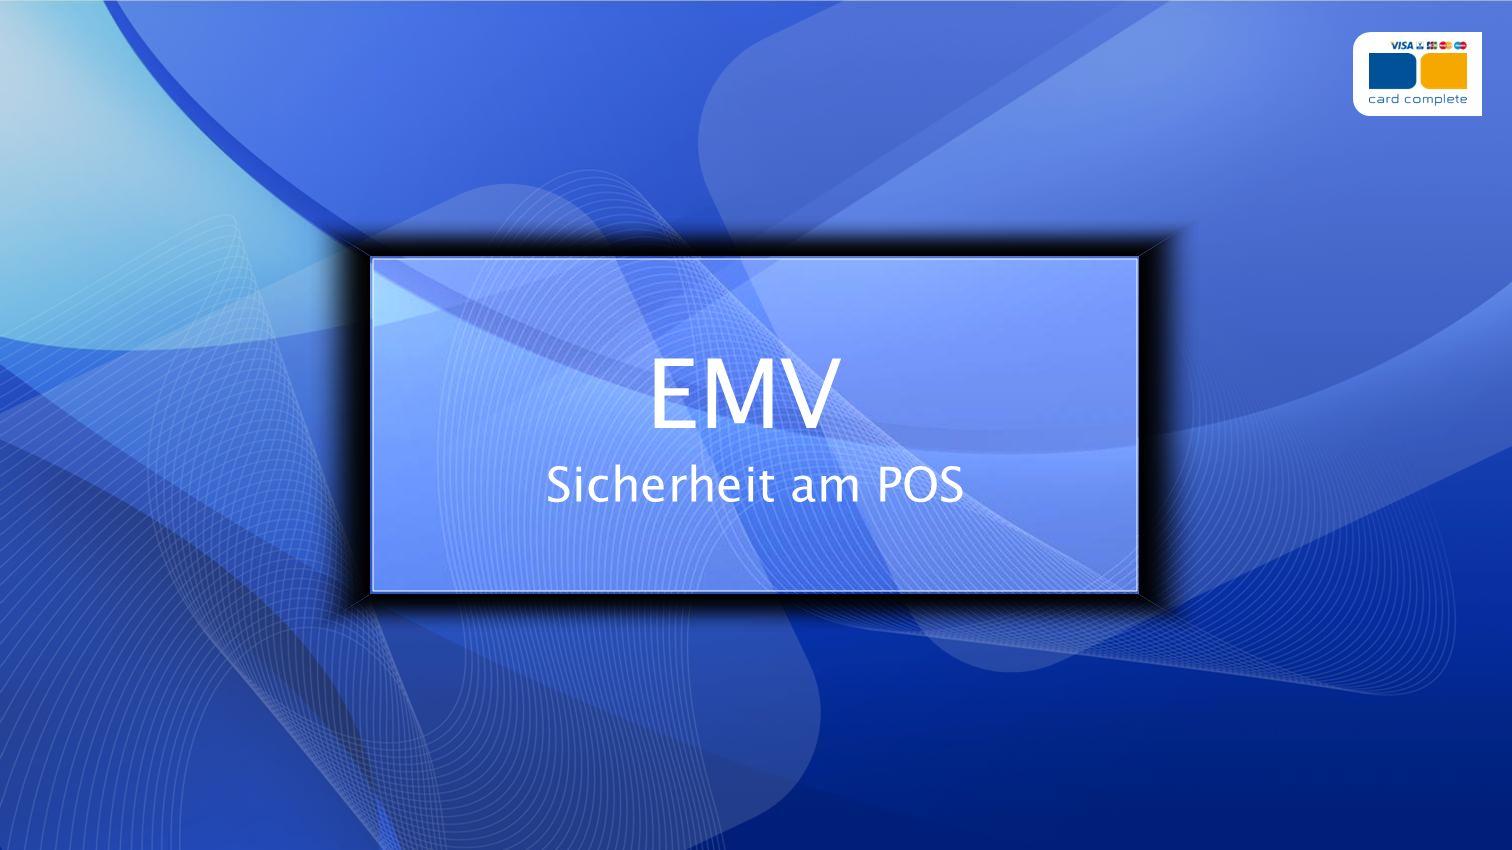 EMV Sicherheit am POS